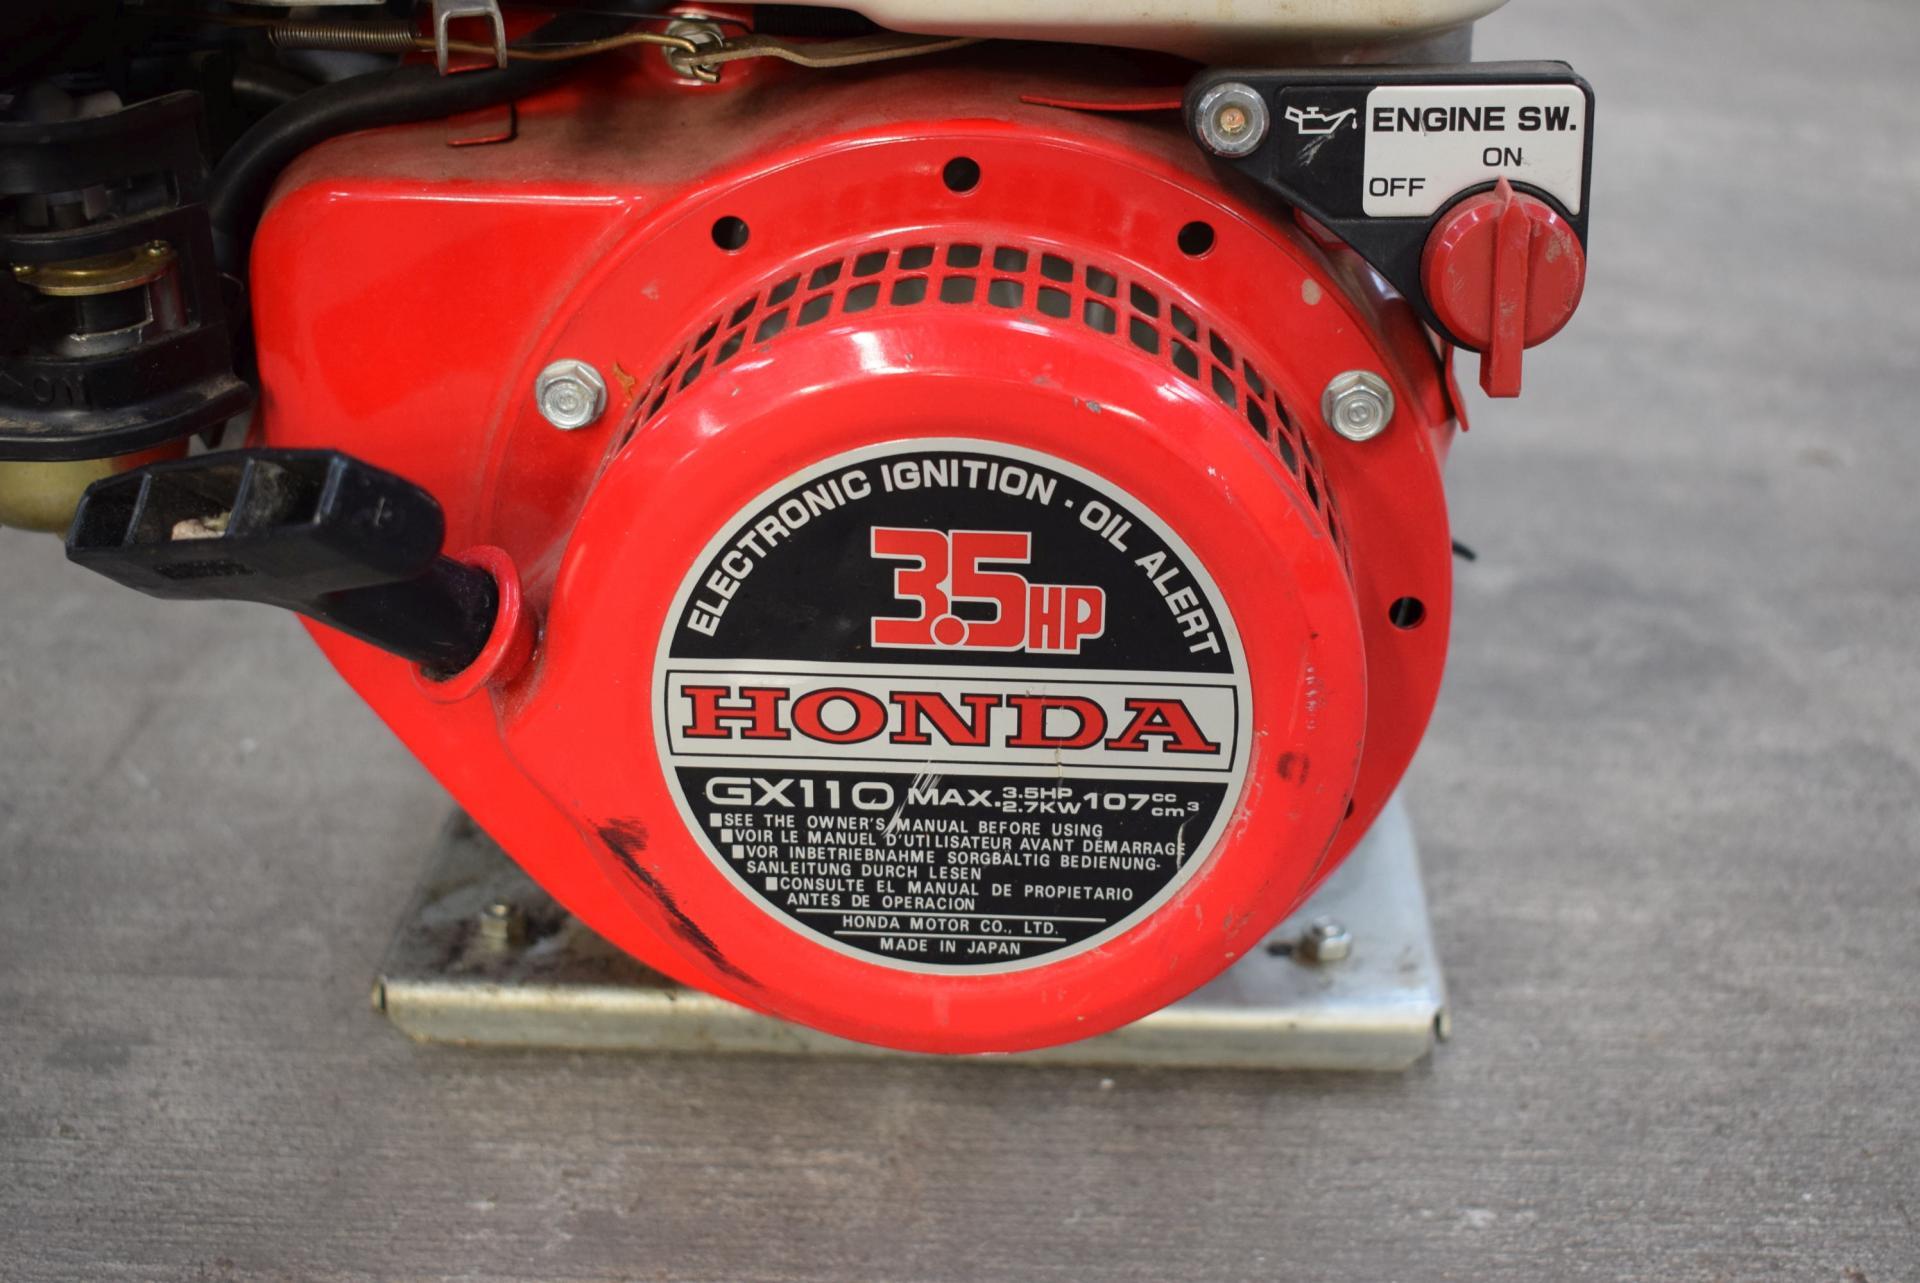 Fantastisk Benzin vandpumpe, mrk. Honda + 1 stk. pumpe til reservedele - KJ FL19